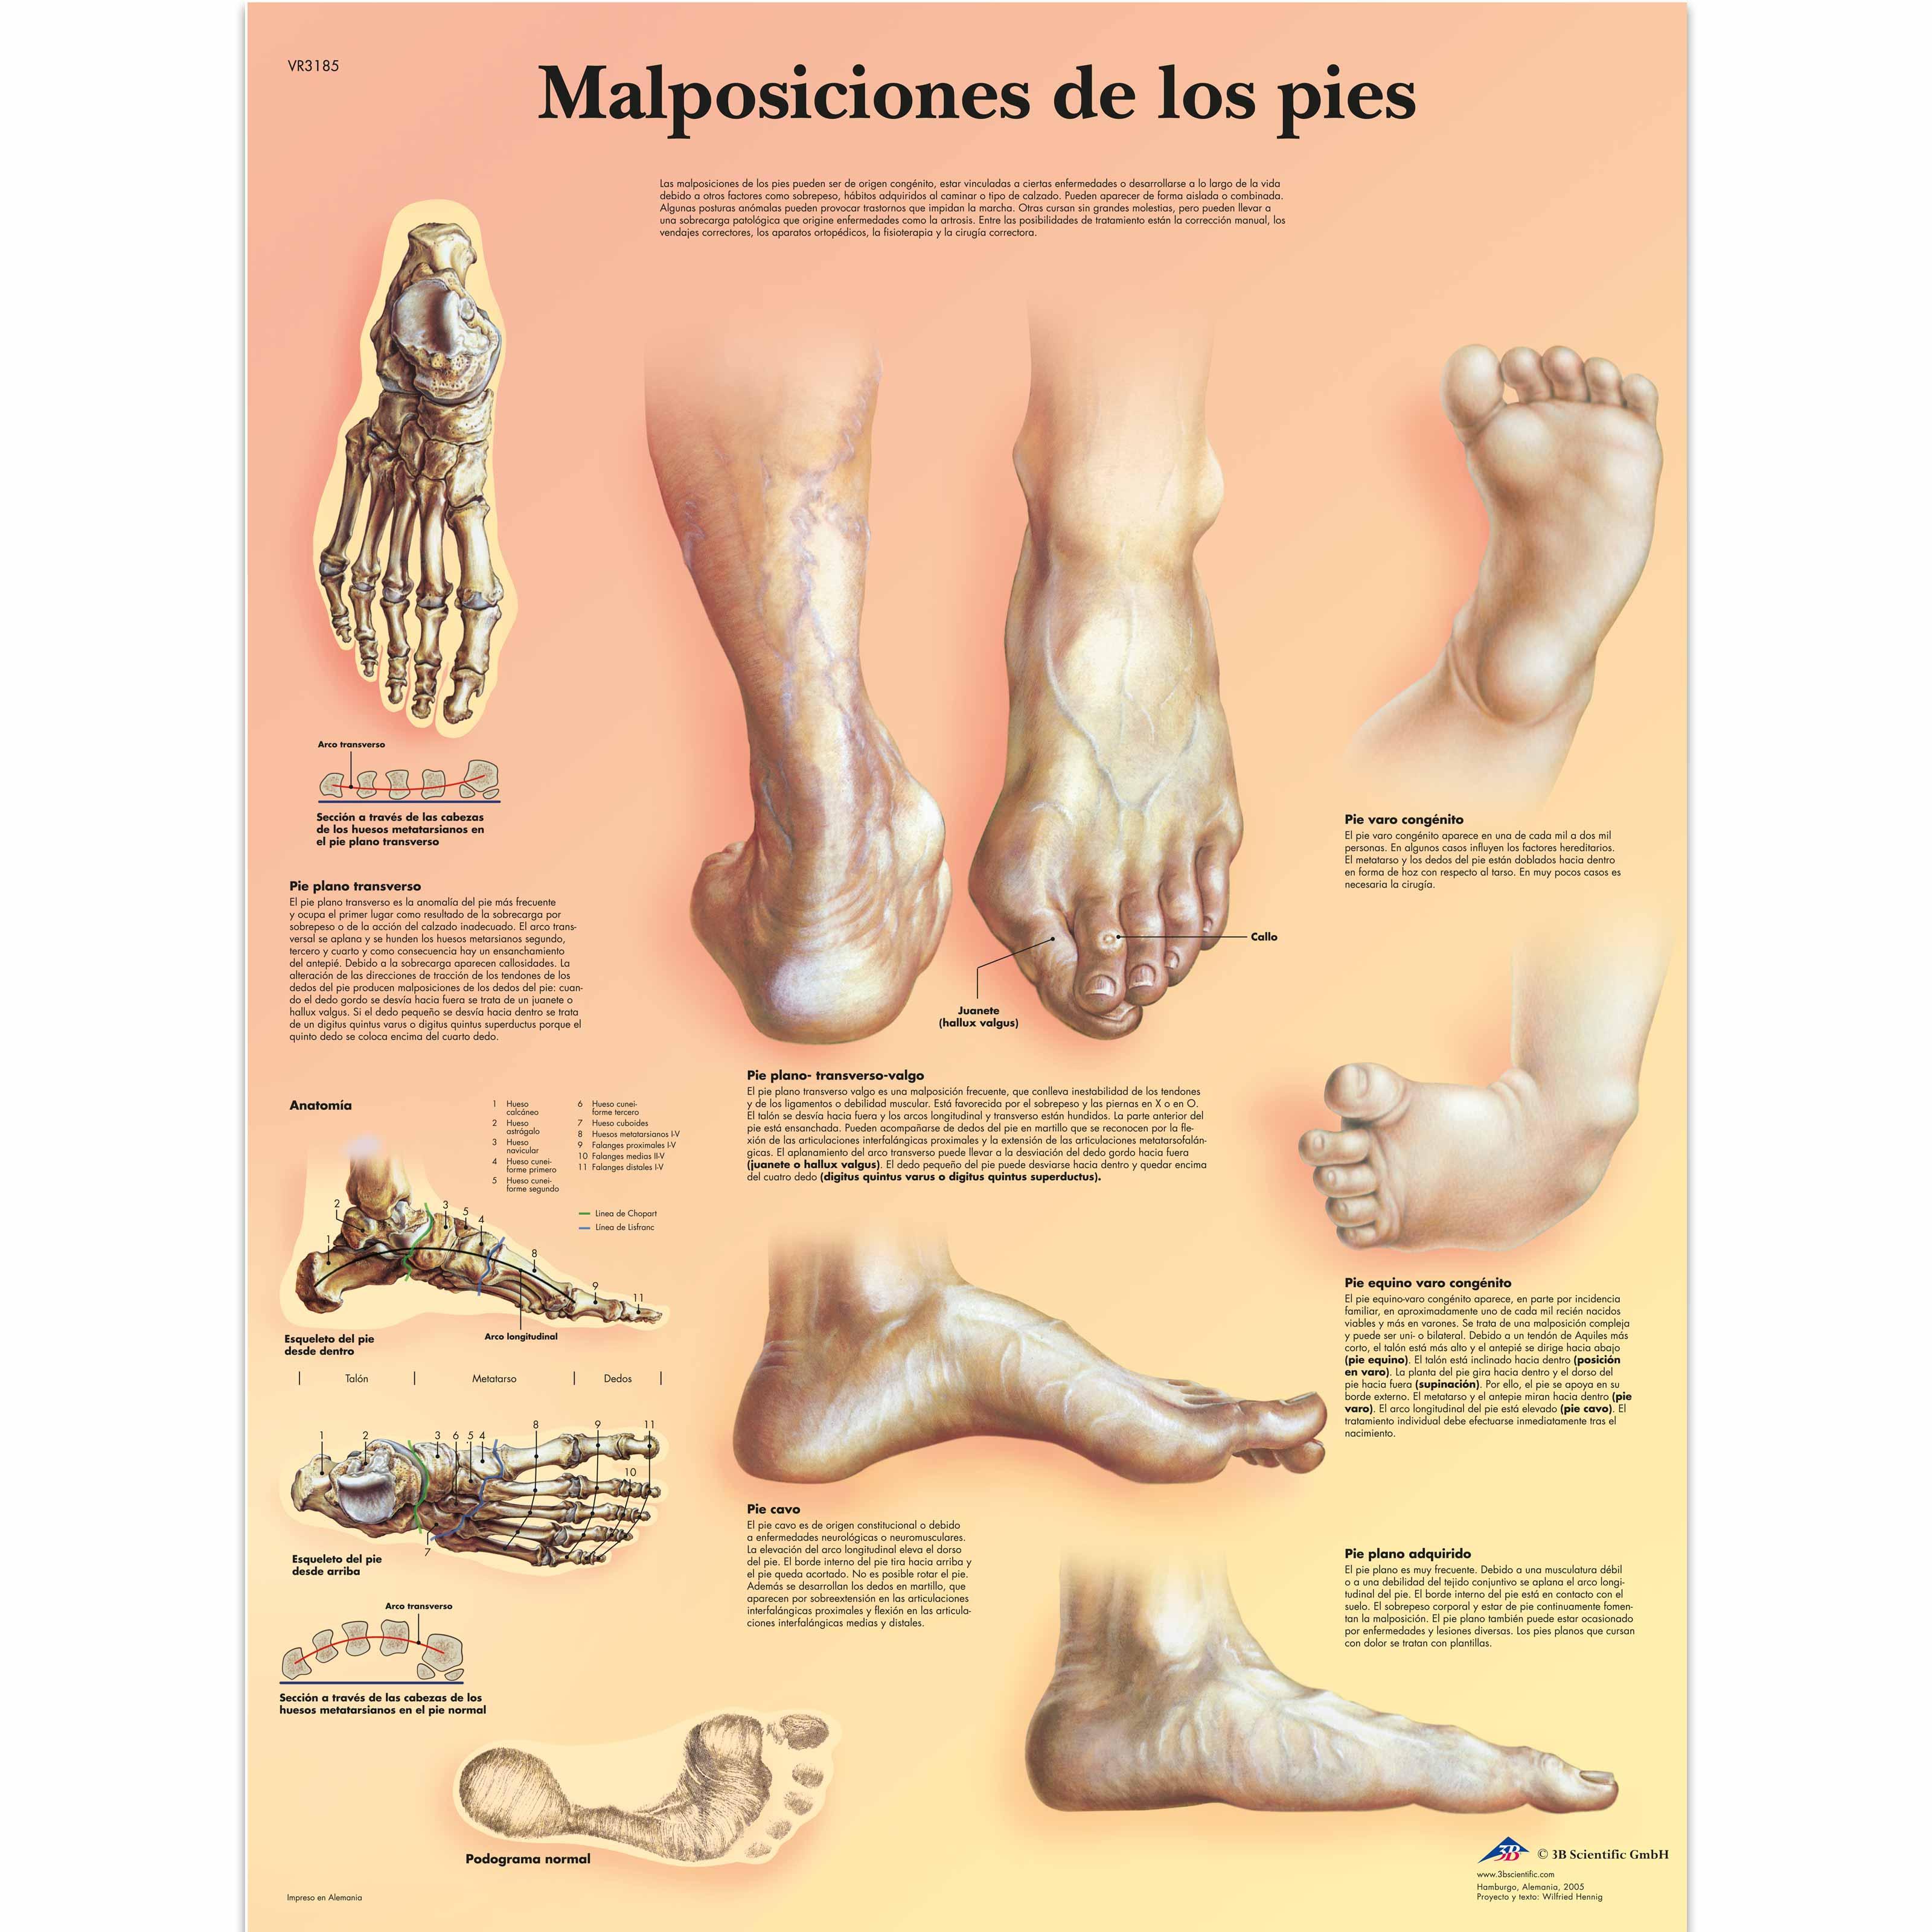 Malposiciones de los pies - 4006826 - VR3185UU - Skeletal System ...